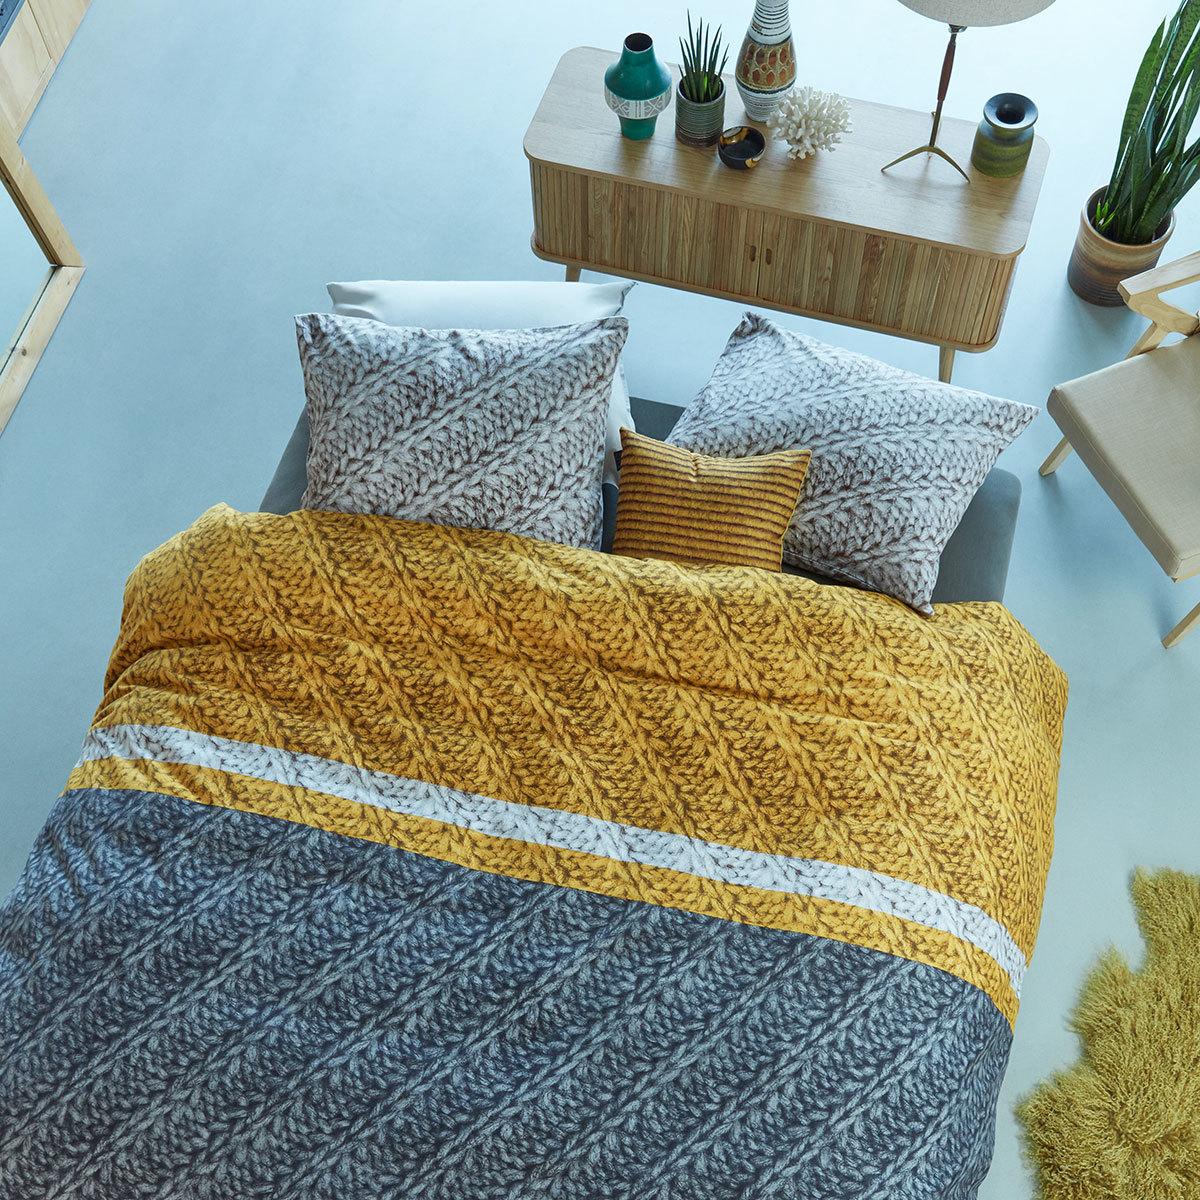 beddinghouse flanell bettw sche merino gold g nstig online kaufen bei bettwaren shop. Black Bedroom Furniture Sets. Home Design Ideas